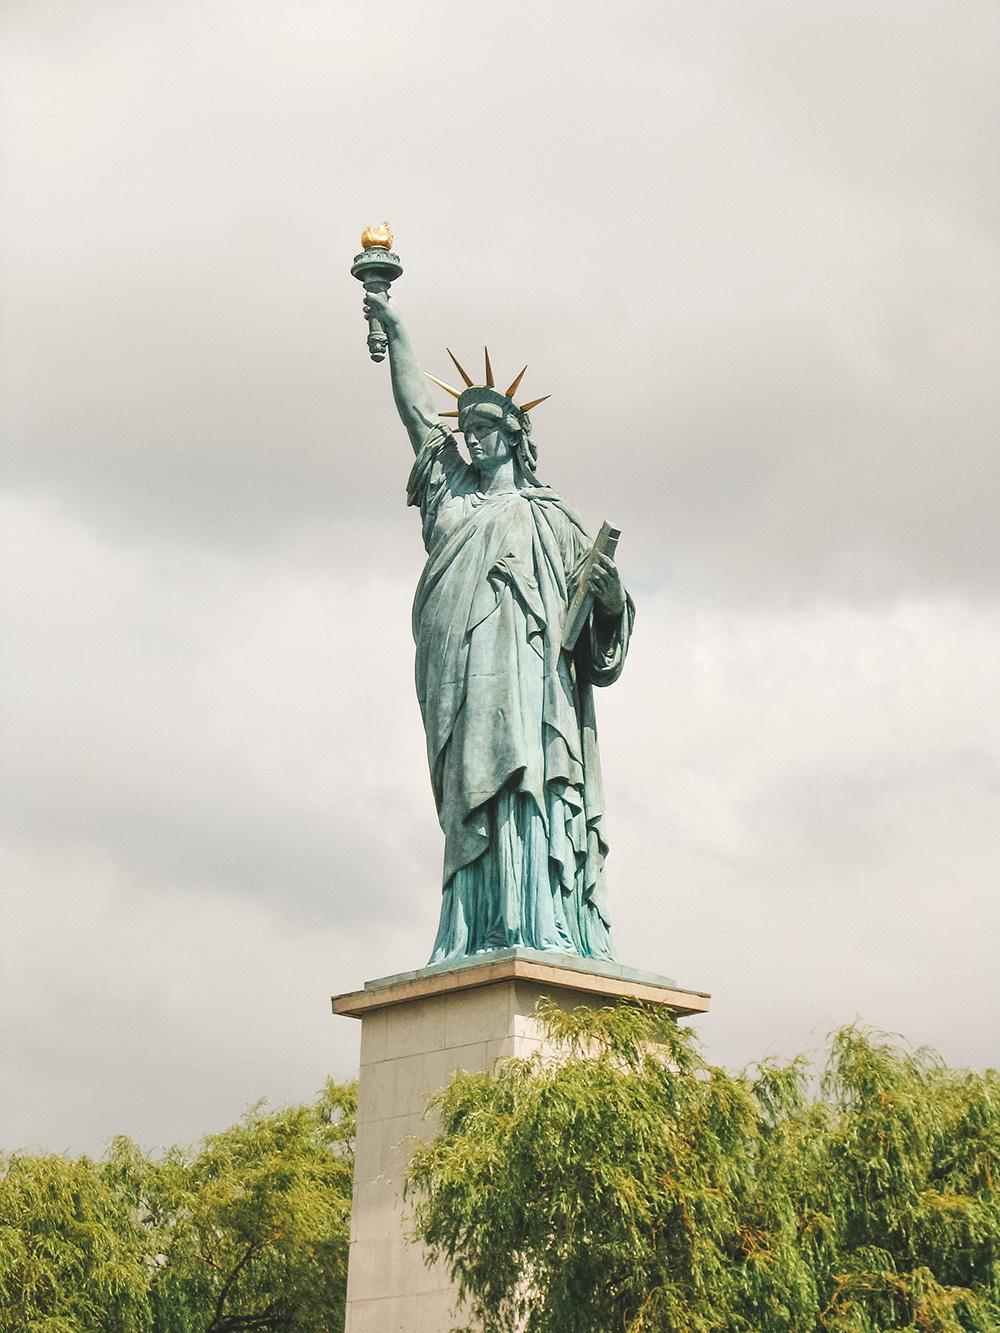 La Statue de la Liberté du Pont de Grenelle